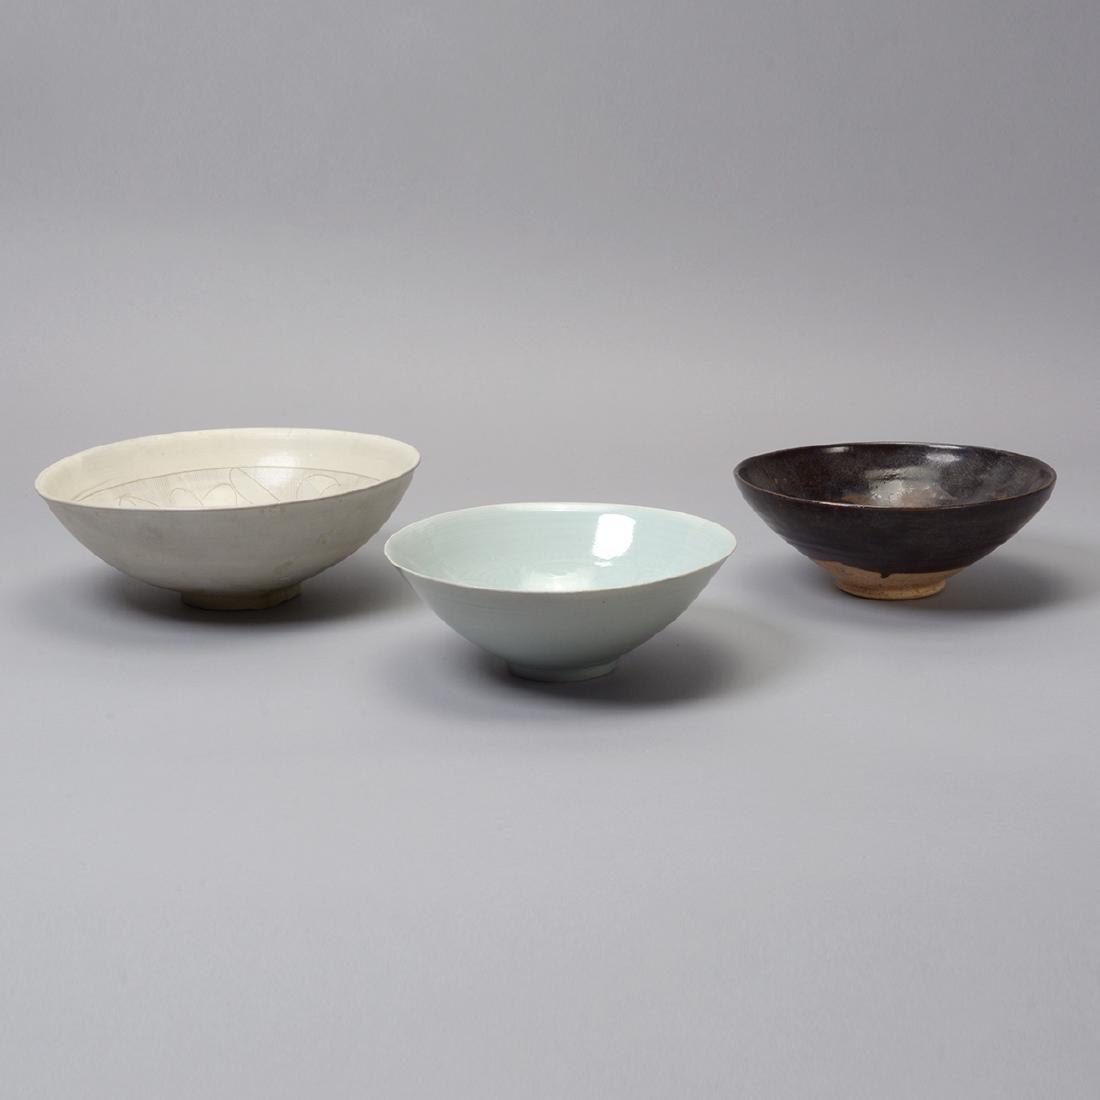 Three Glazed Ceramic Deep Bowls, Song Dynasty